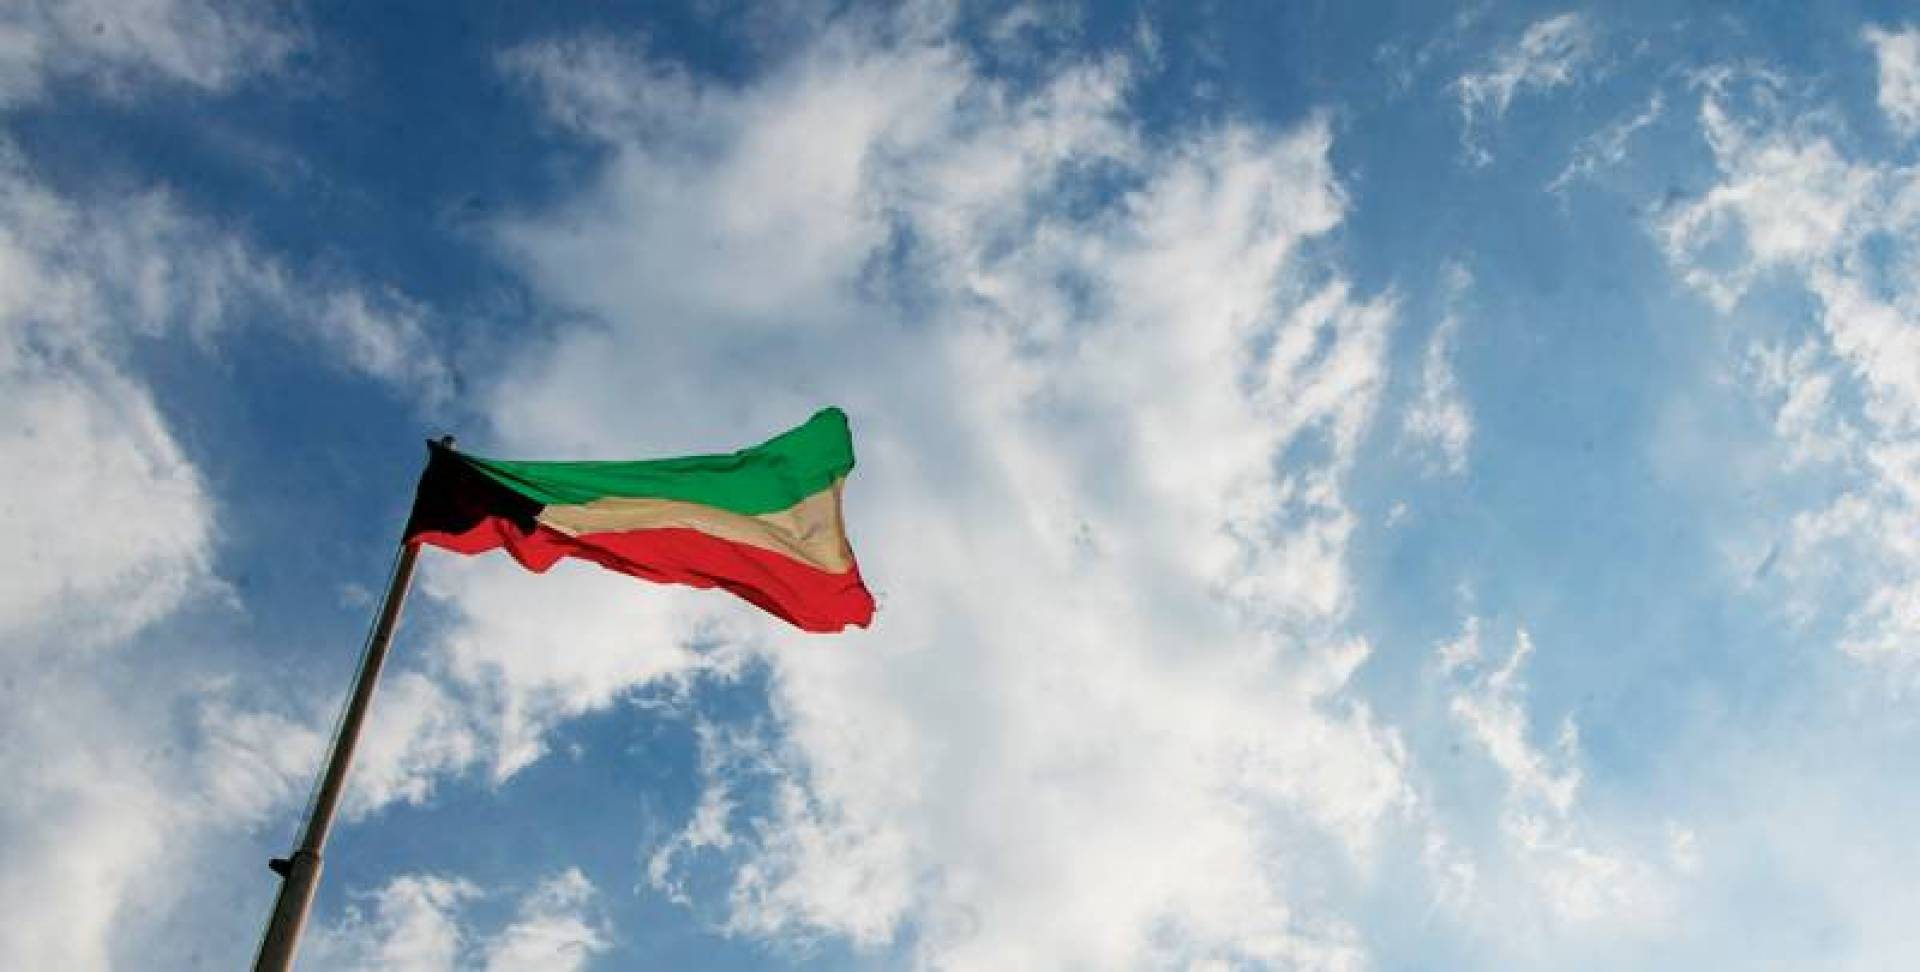 الغيوم تعانق العلم   تصوير محمود الفوريكي